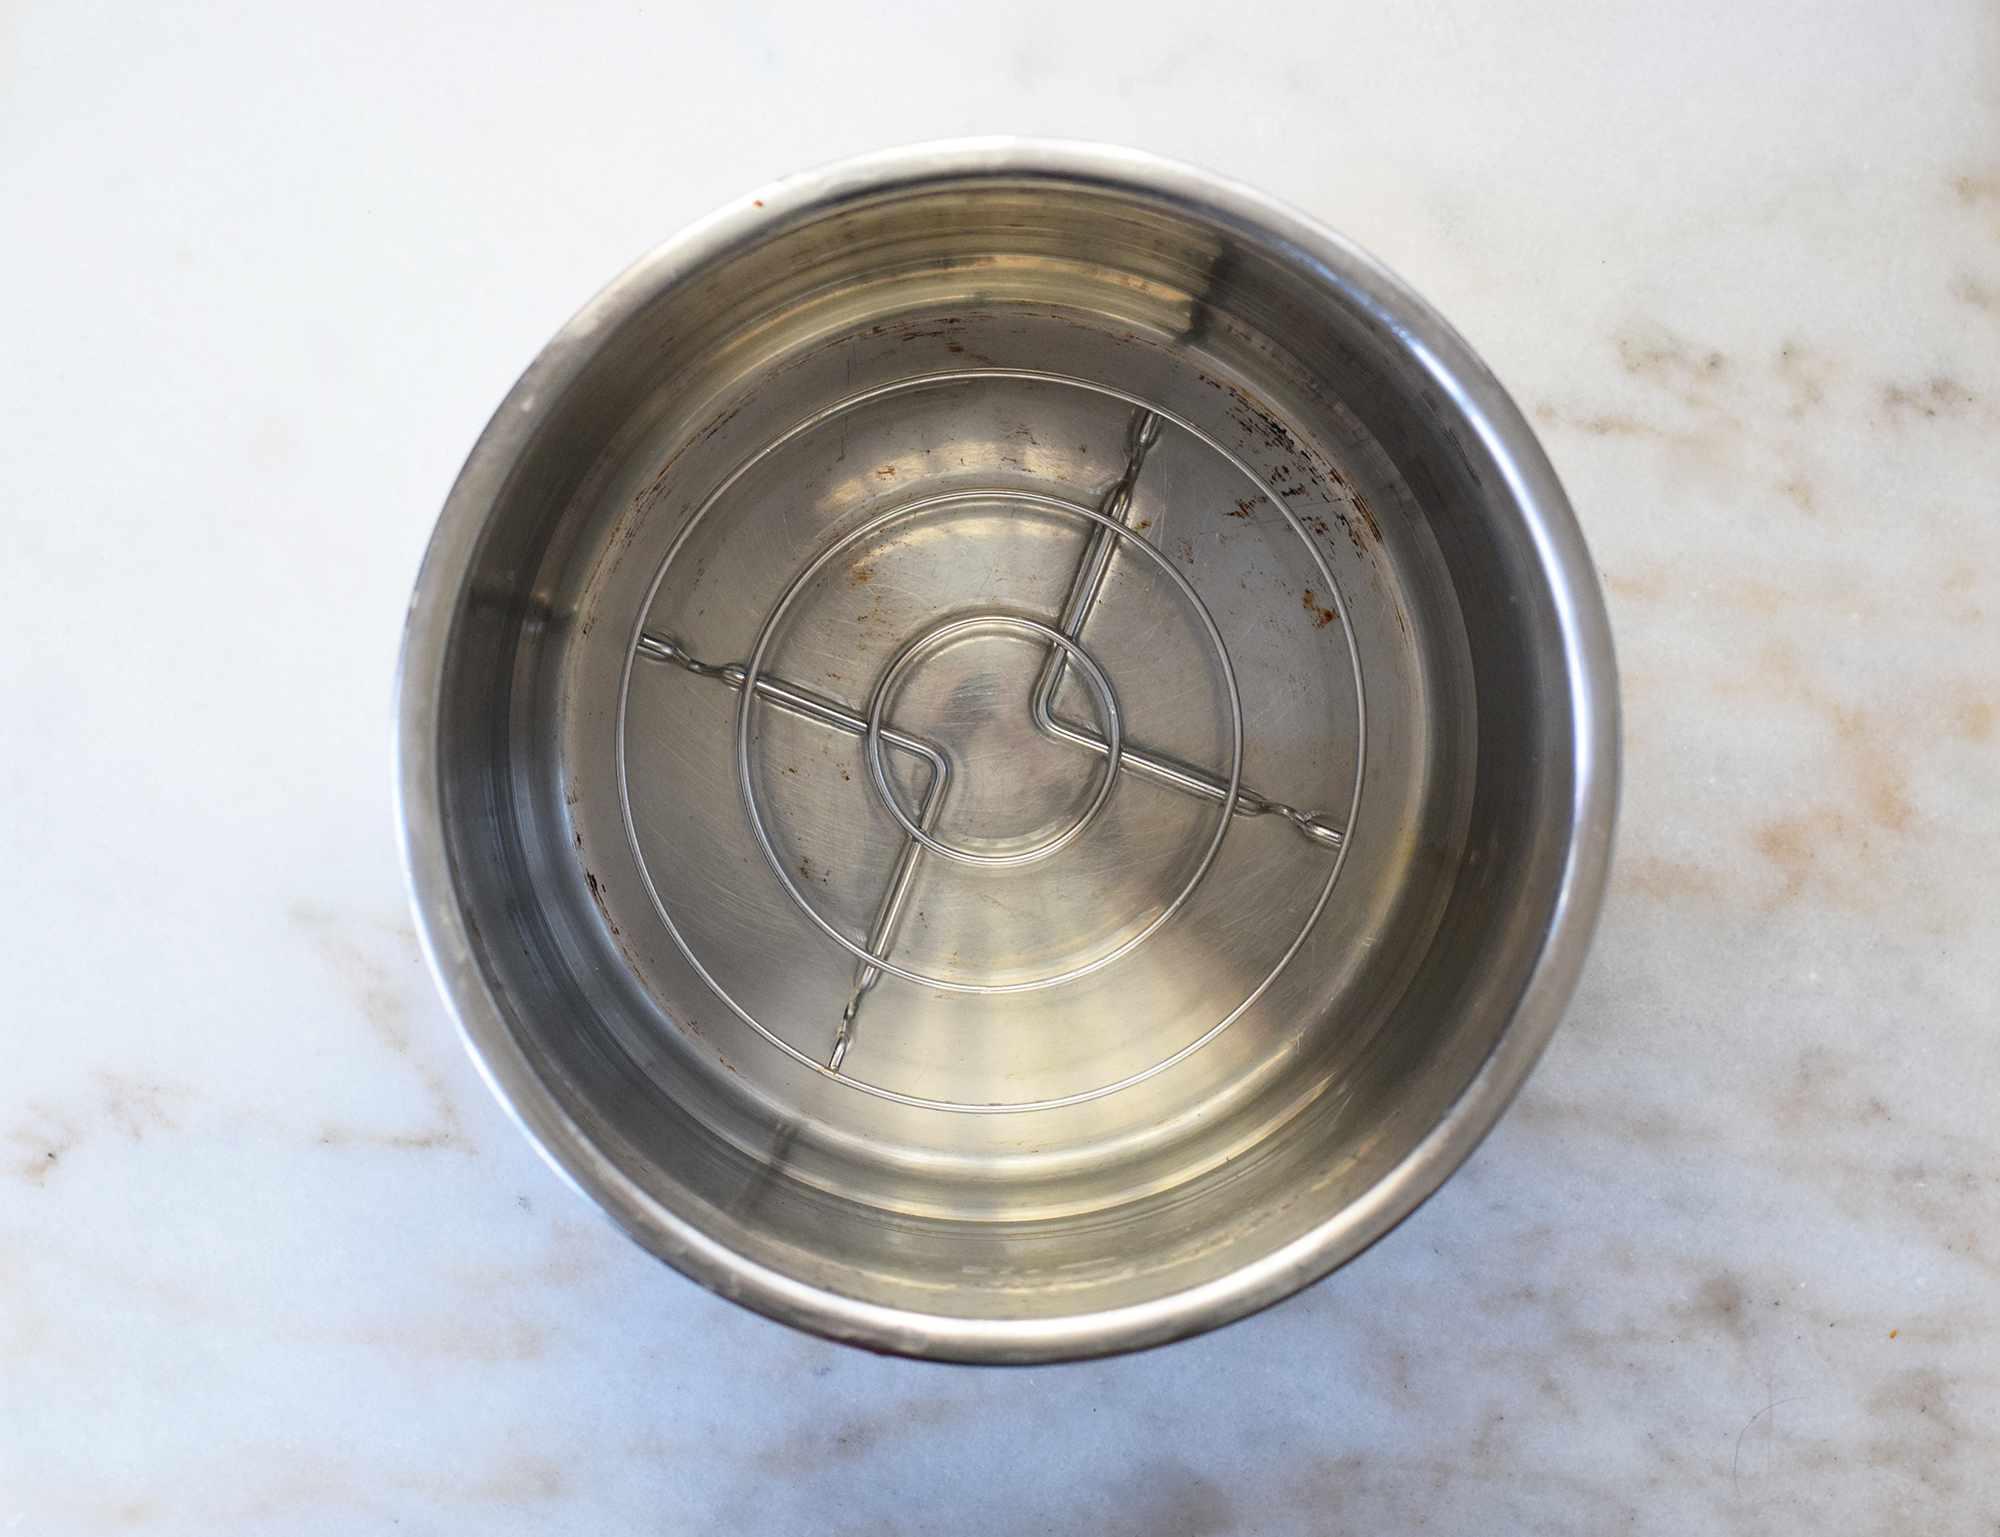 instant pot trivet over water in instant pot insert